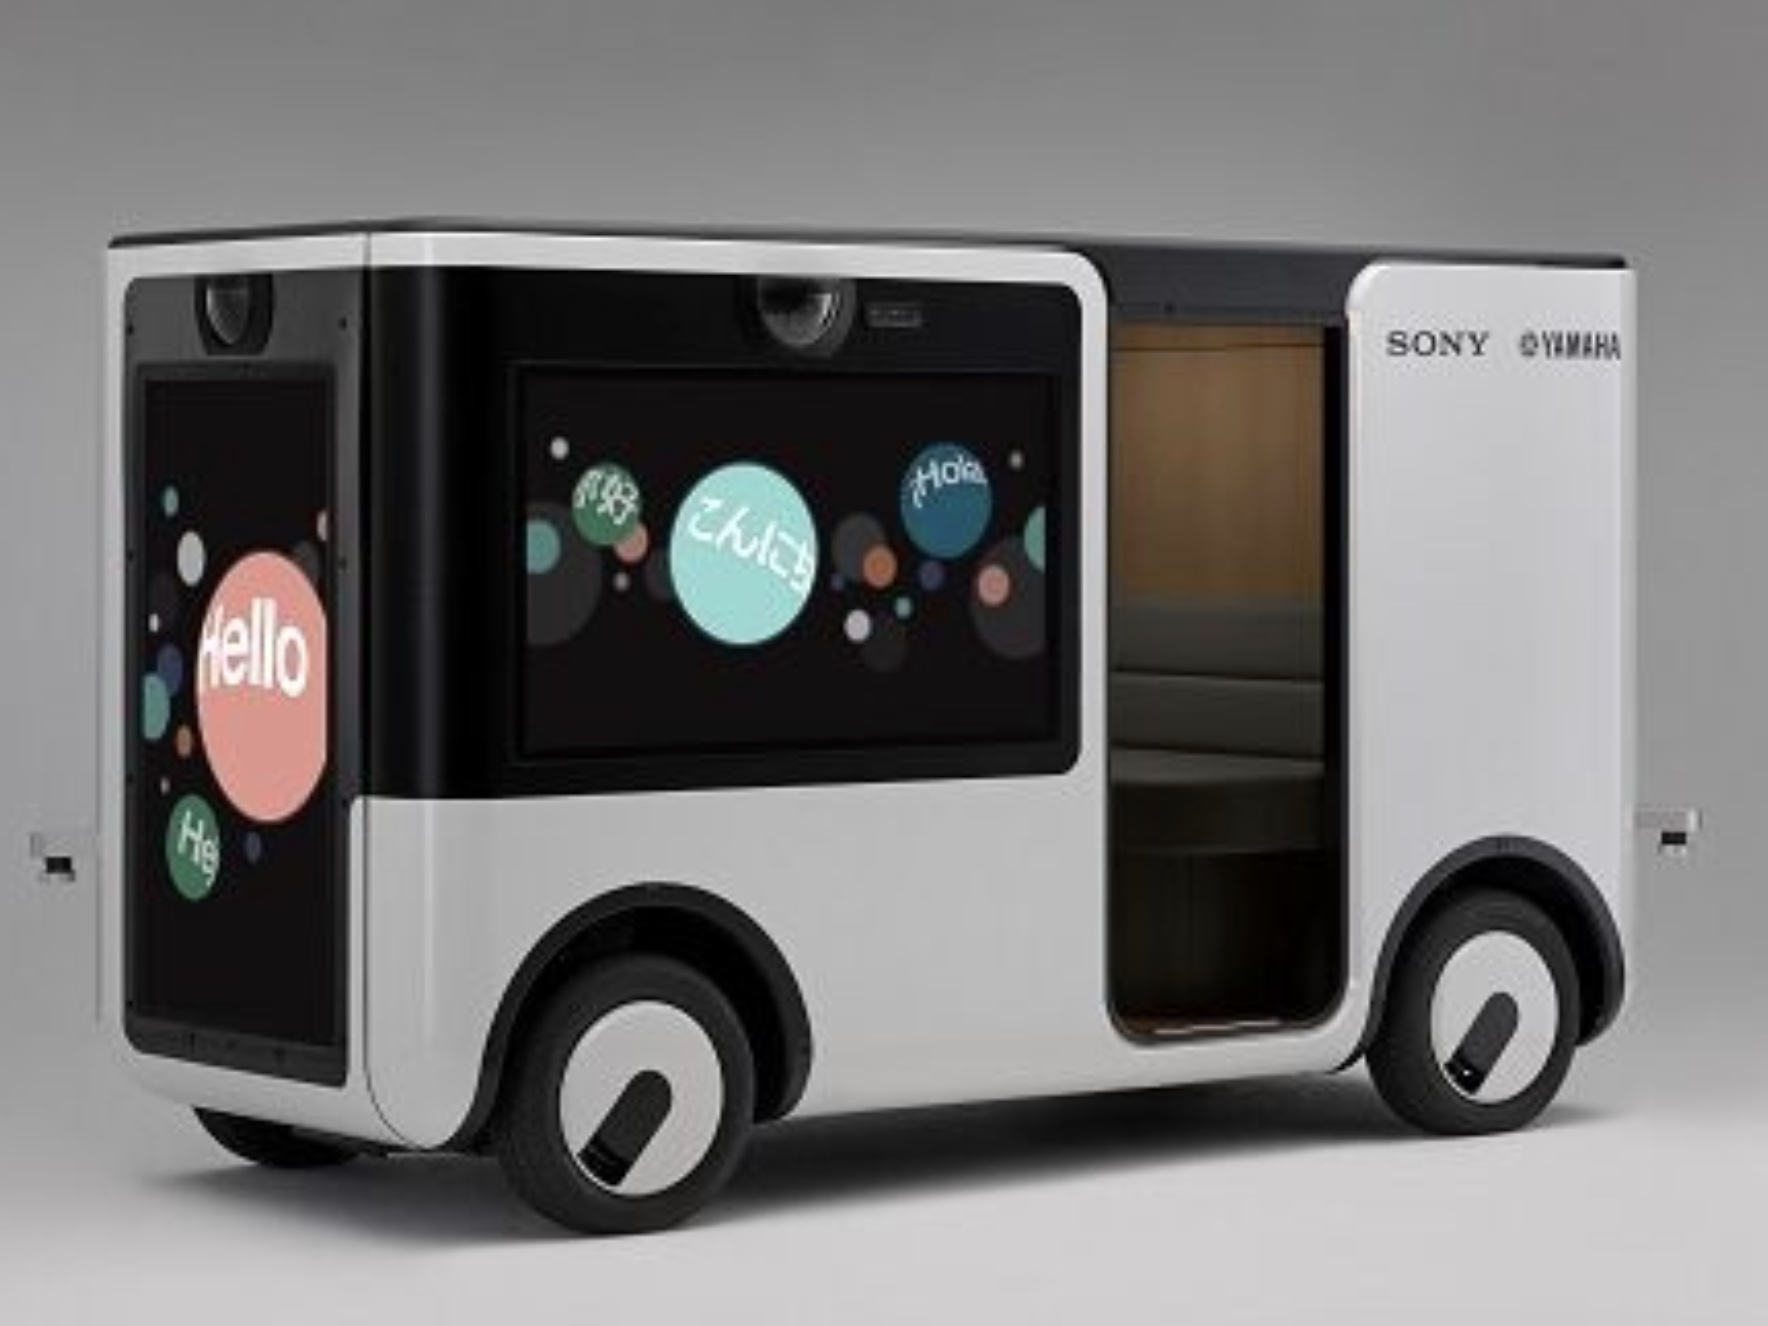 移動しながらエンターテイメントが楽しめる電動車両「SC-1」、ソニーとヤマハ発動機が共同開発